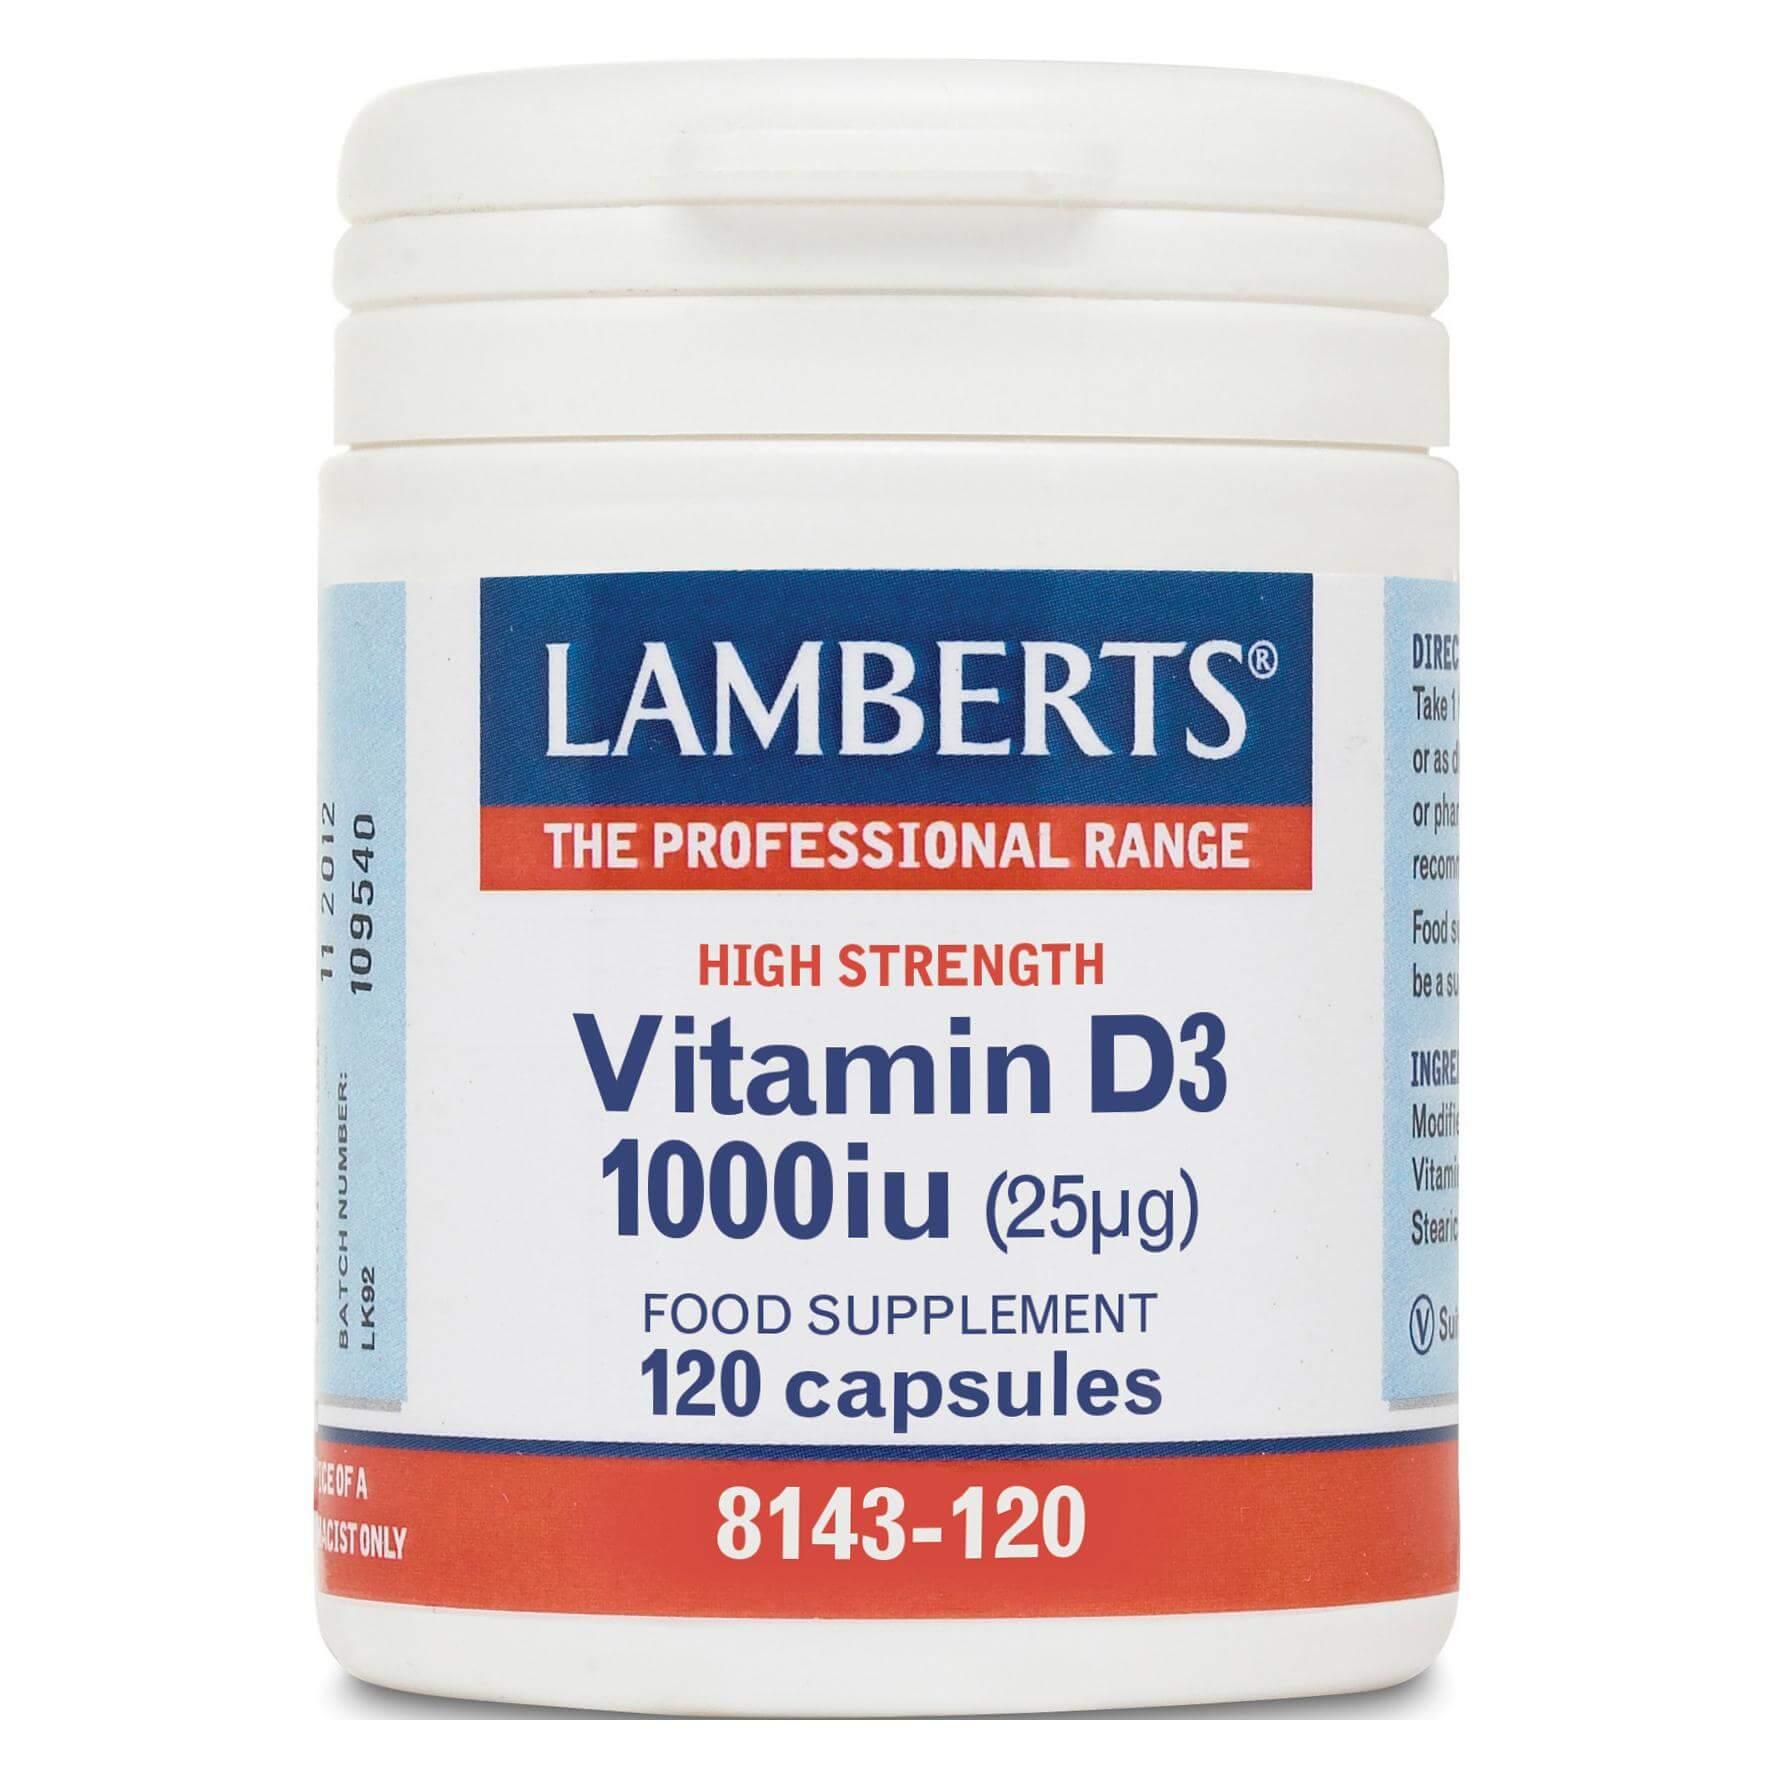 Lamberts Vitamin D3 Συμπλήρωμα Διατροφής Βιταμίνης D3 1000iu 120tabs